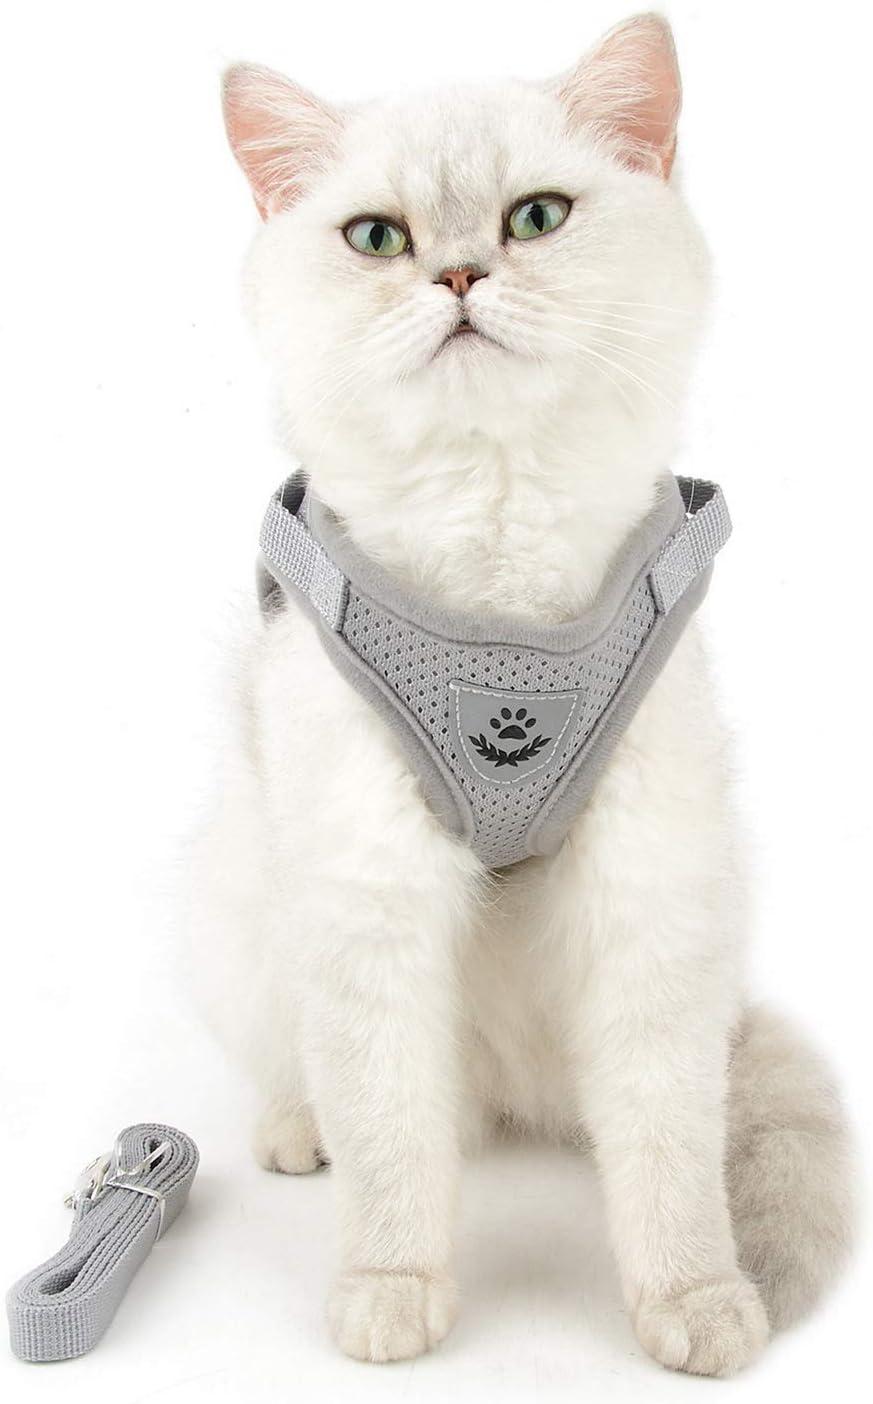 Zunea emp/êche de tirer en maille souple rembourr/ée r/églable Harnais et laisse anti-fuite pour chat et chien r/éfl/échissant